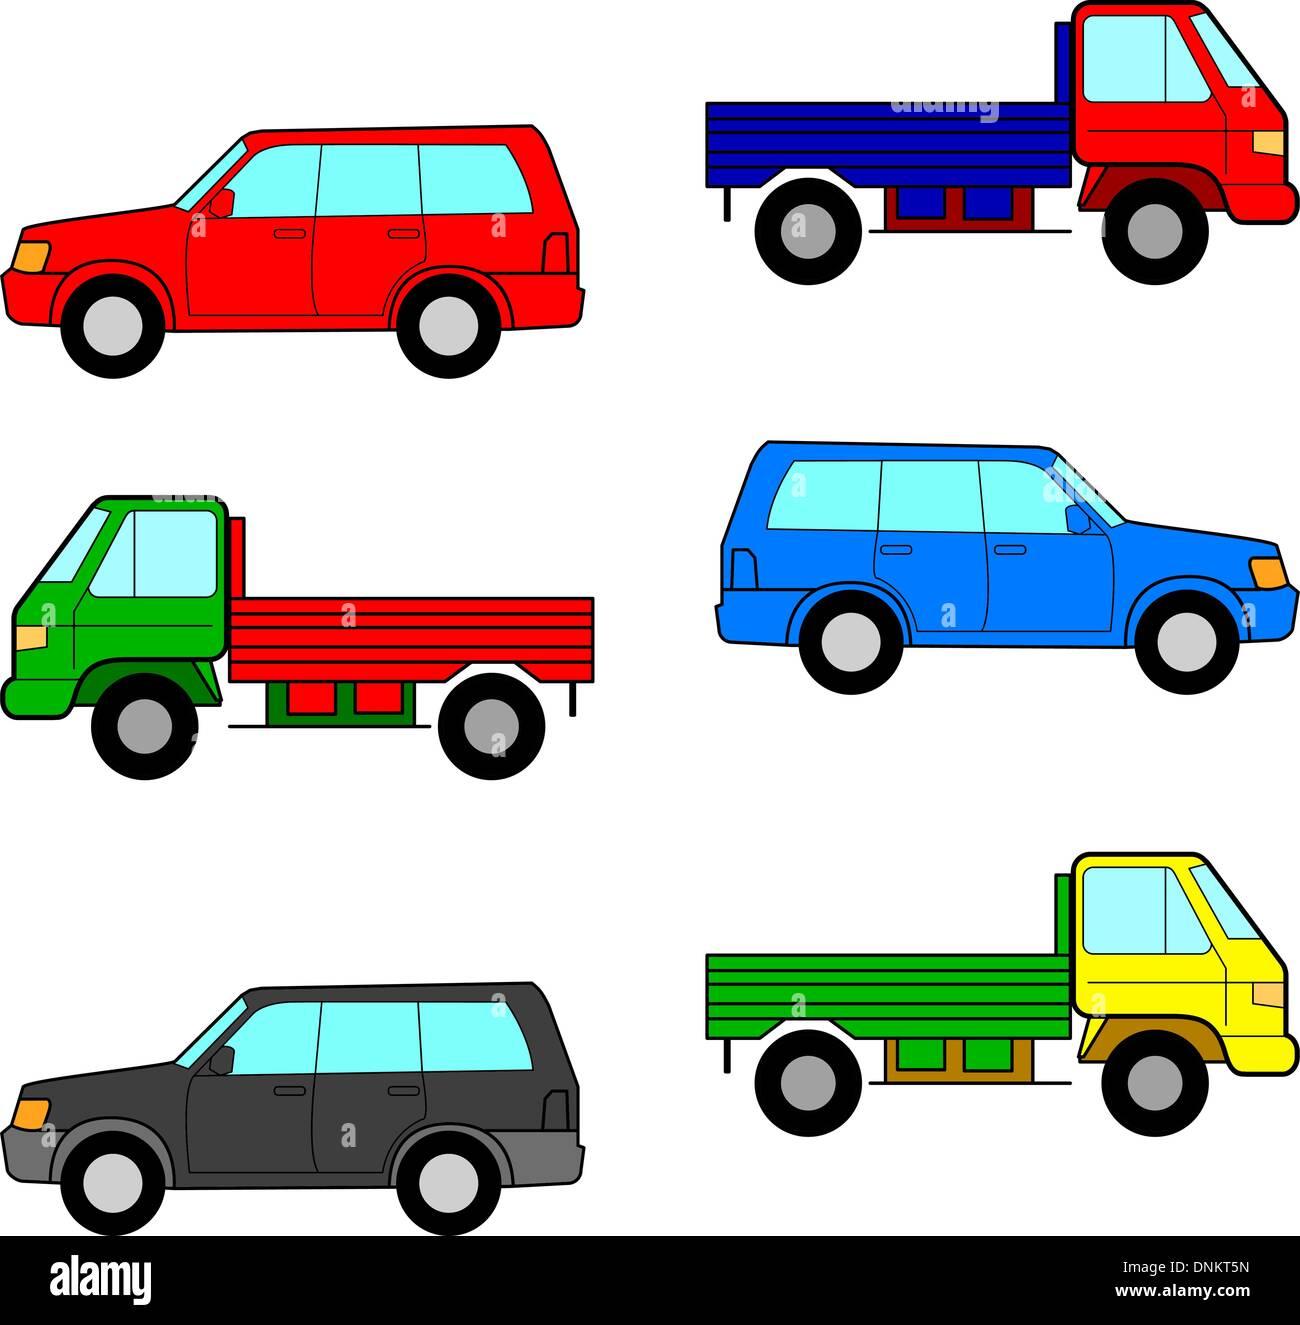 Définir les voitures, camions et voitures. Vector illustration. Photo Stock